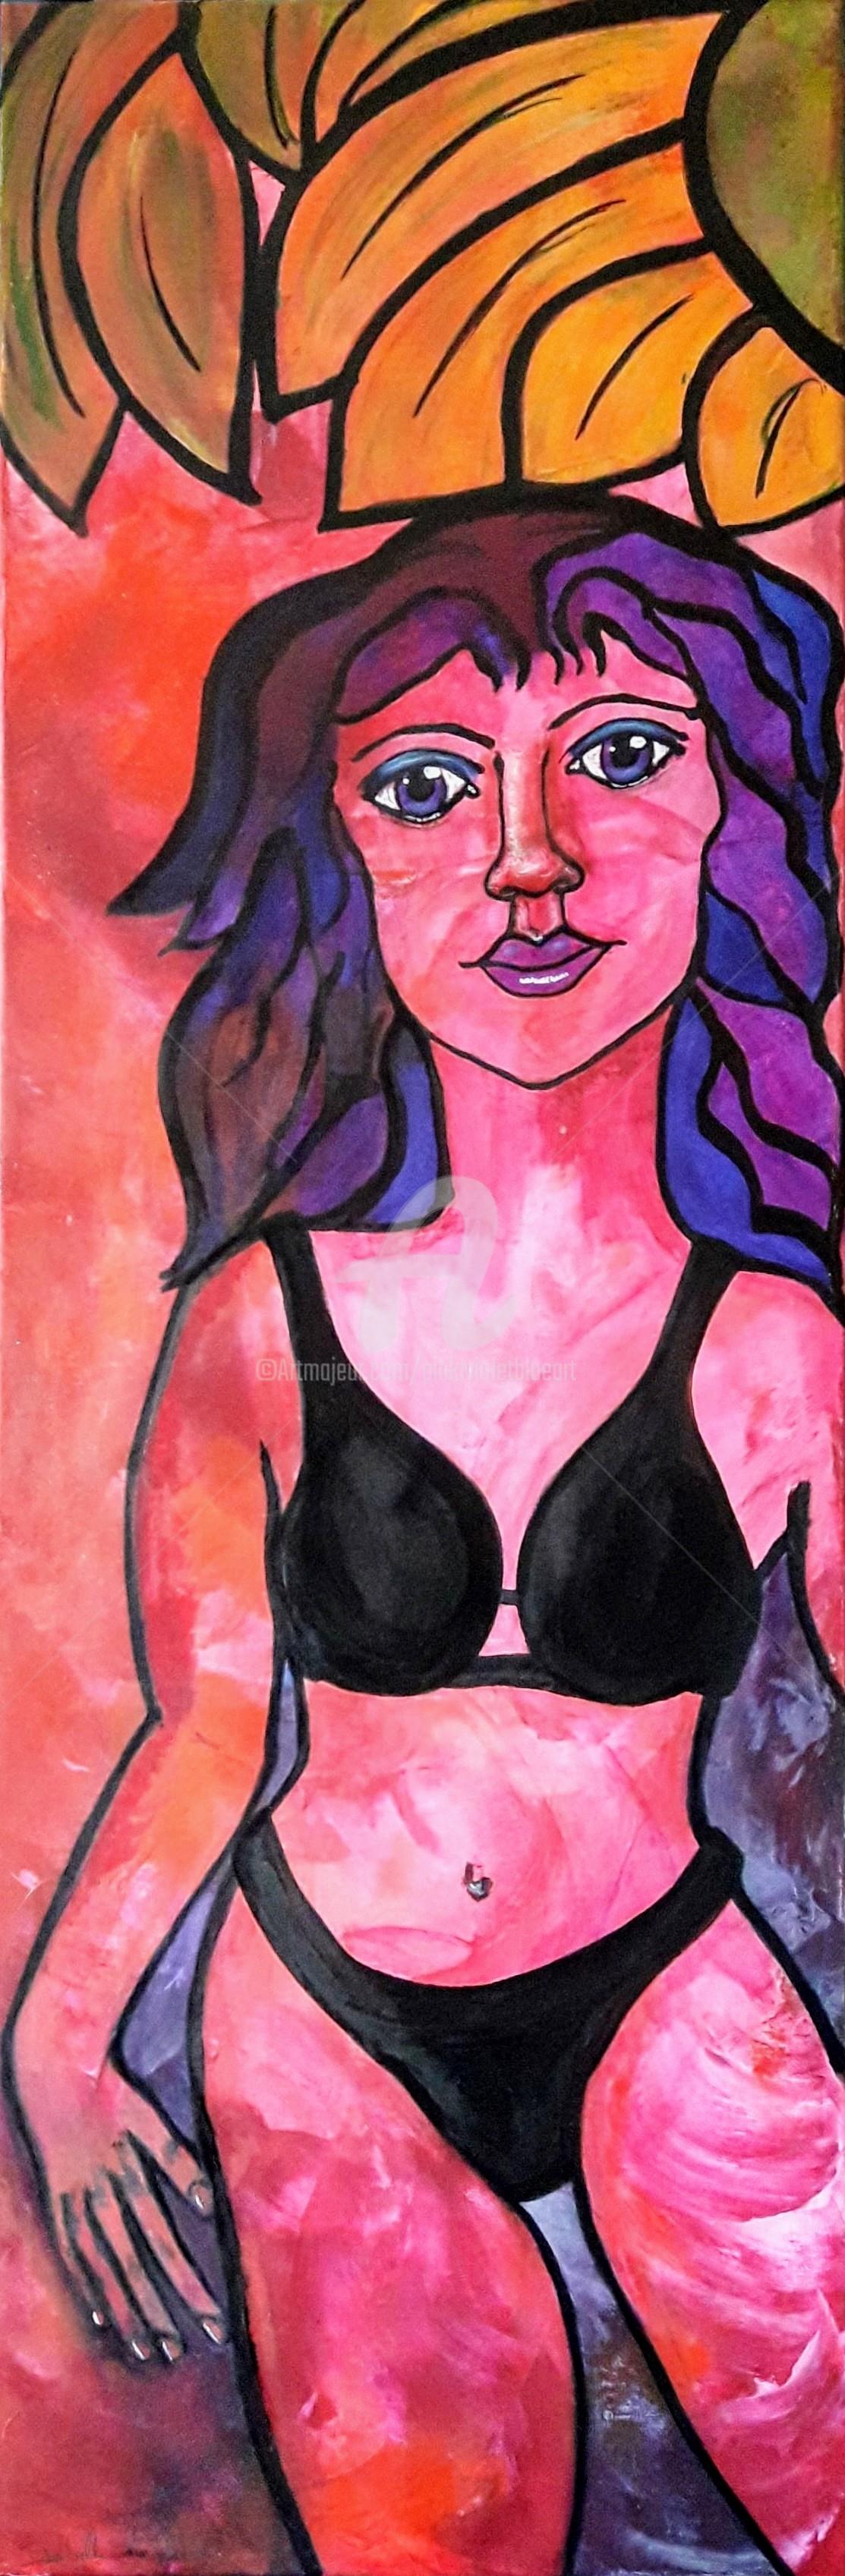 Pinkivioletblue - La demoiselle en bikini noir